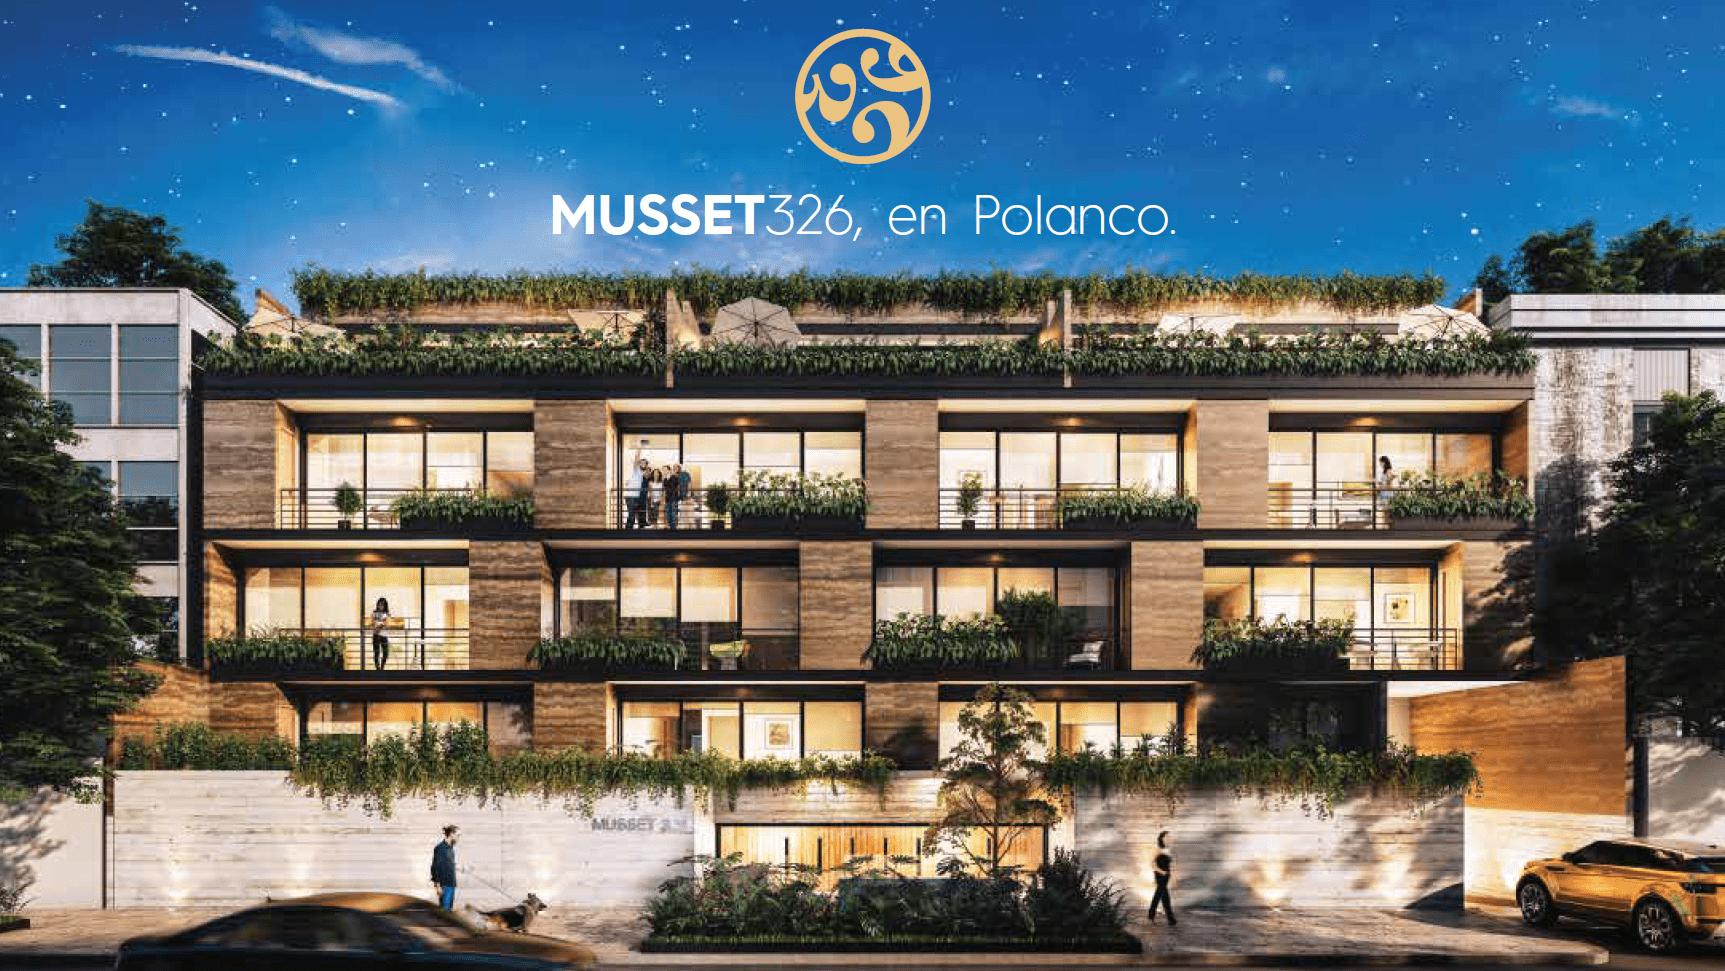 Departamentos en Musset 326, Polanco